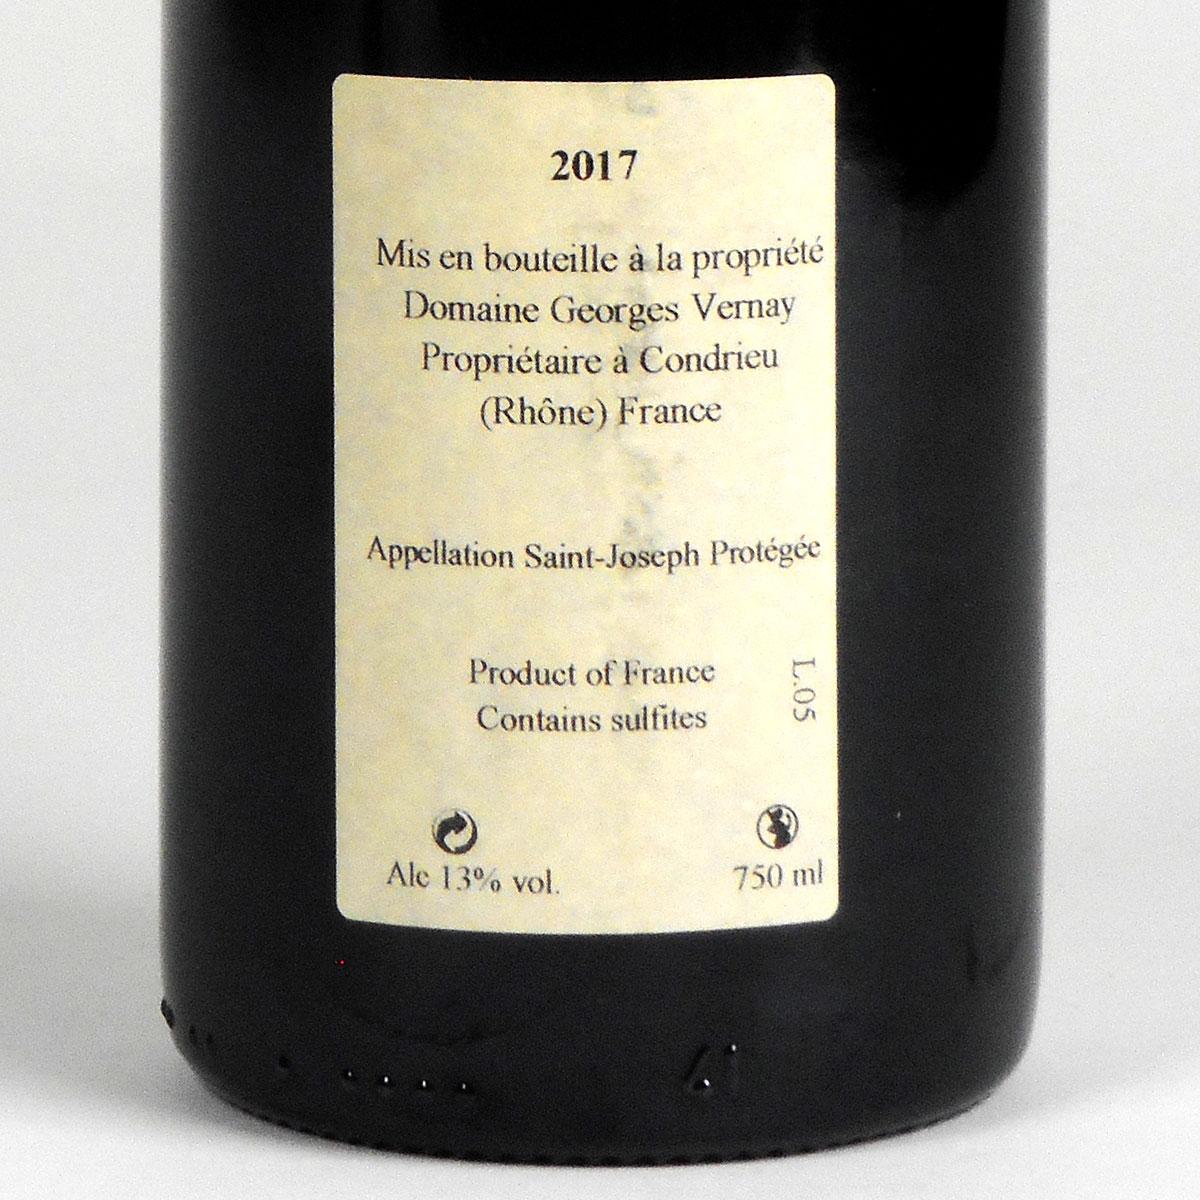 Saint-Joseph: Domaine Georges Vernay 'Terres d'Encre' 2017 - Bottle Rear Label